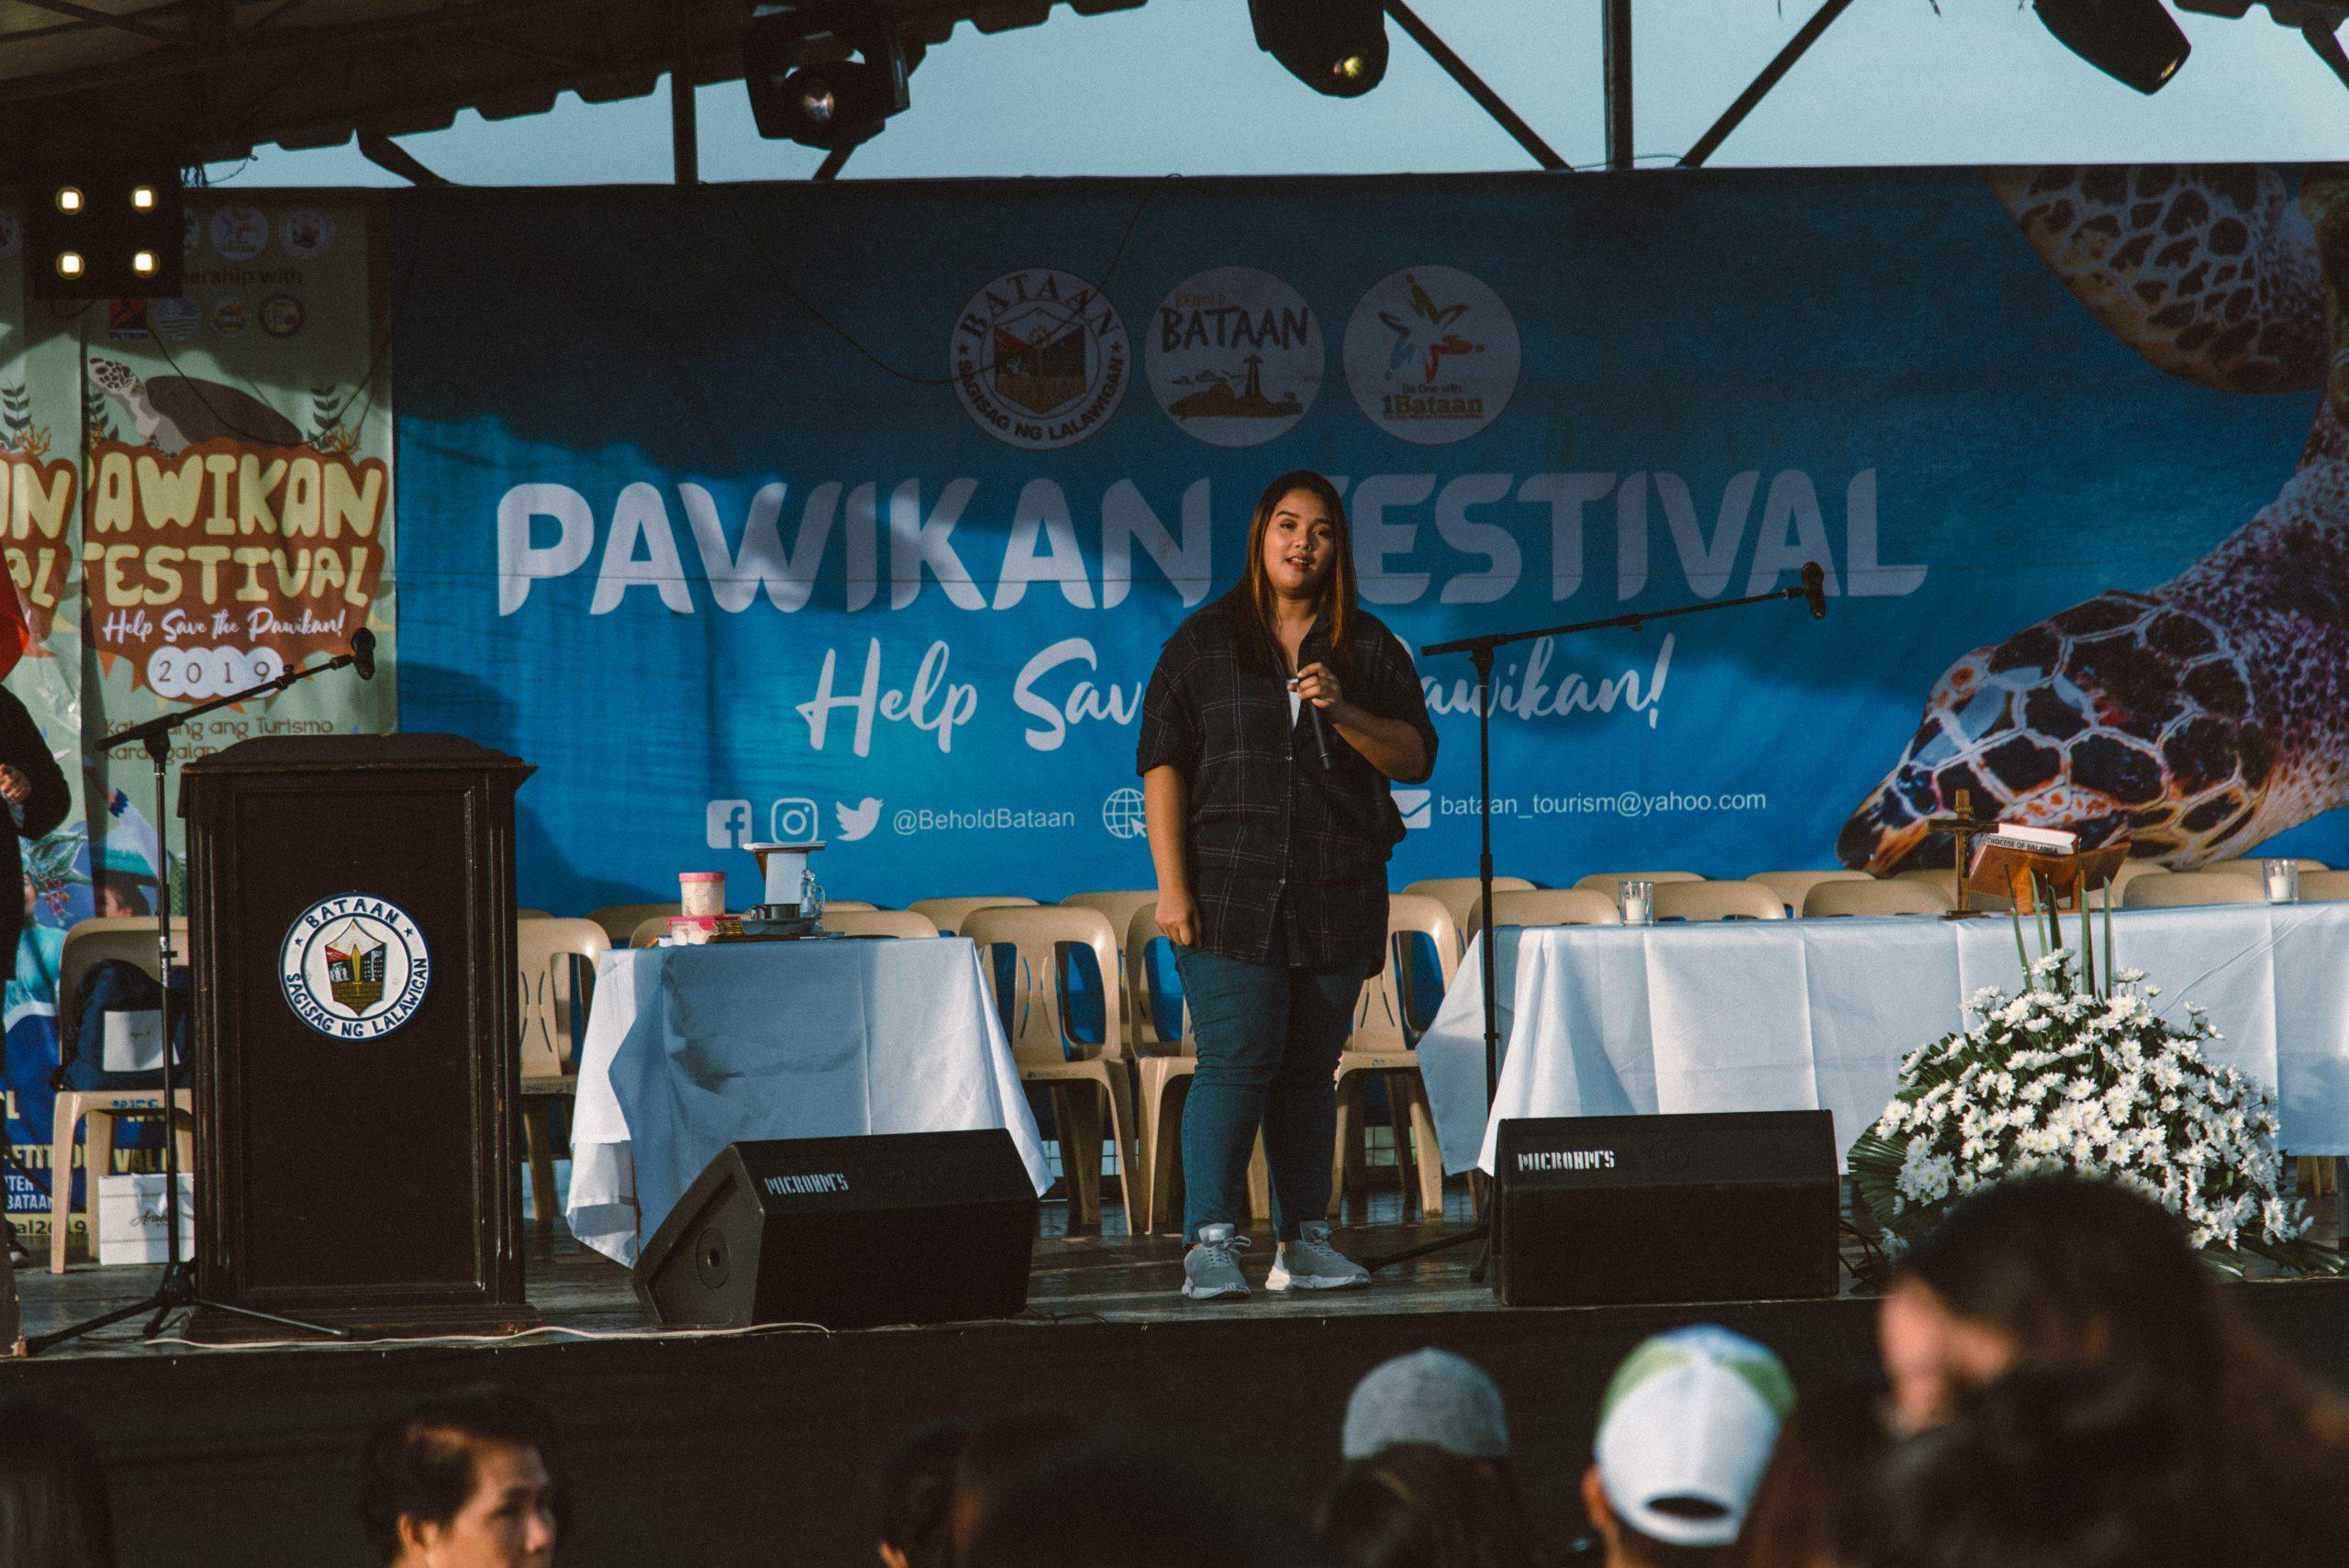 Bataan tourist spots, Bataan travel guide,, Pawikan Festival